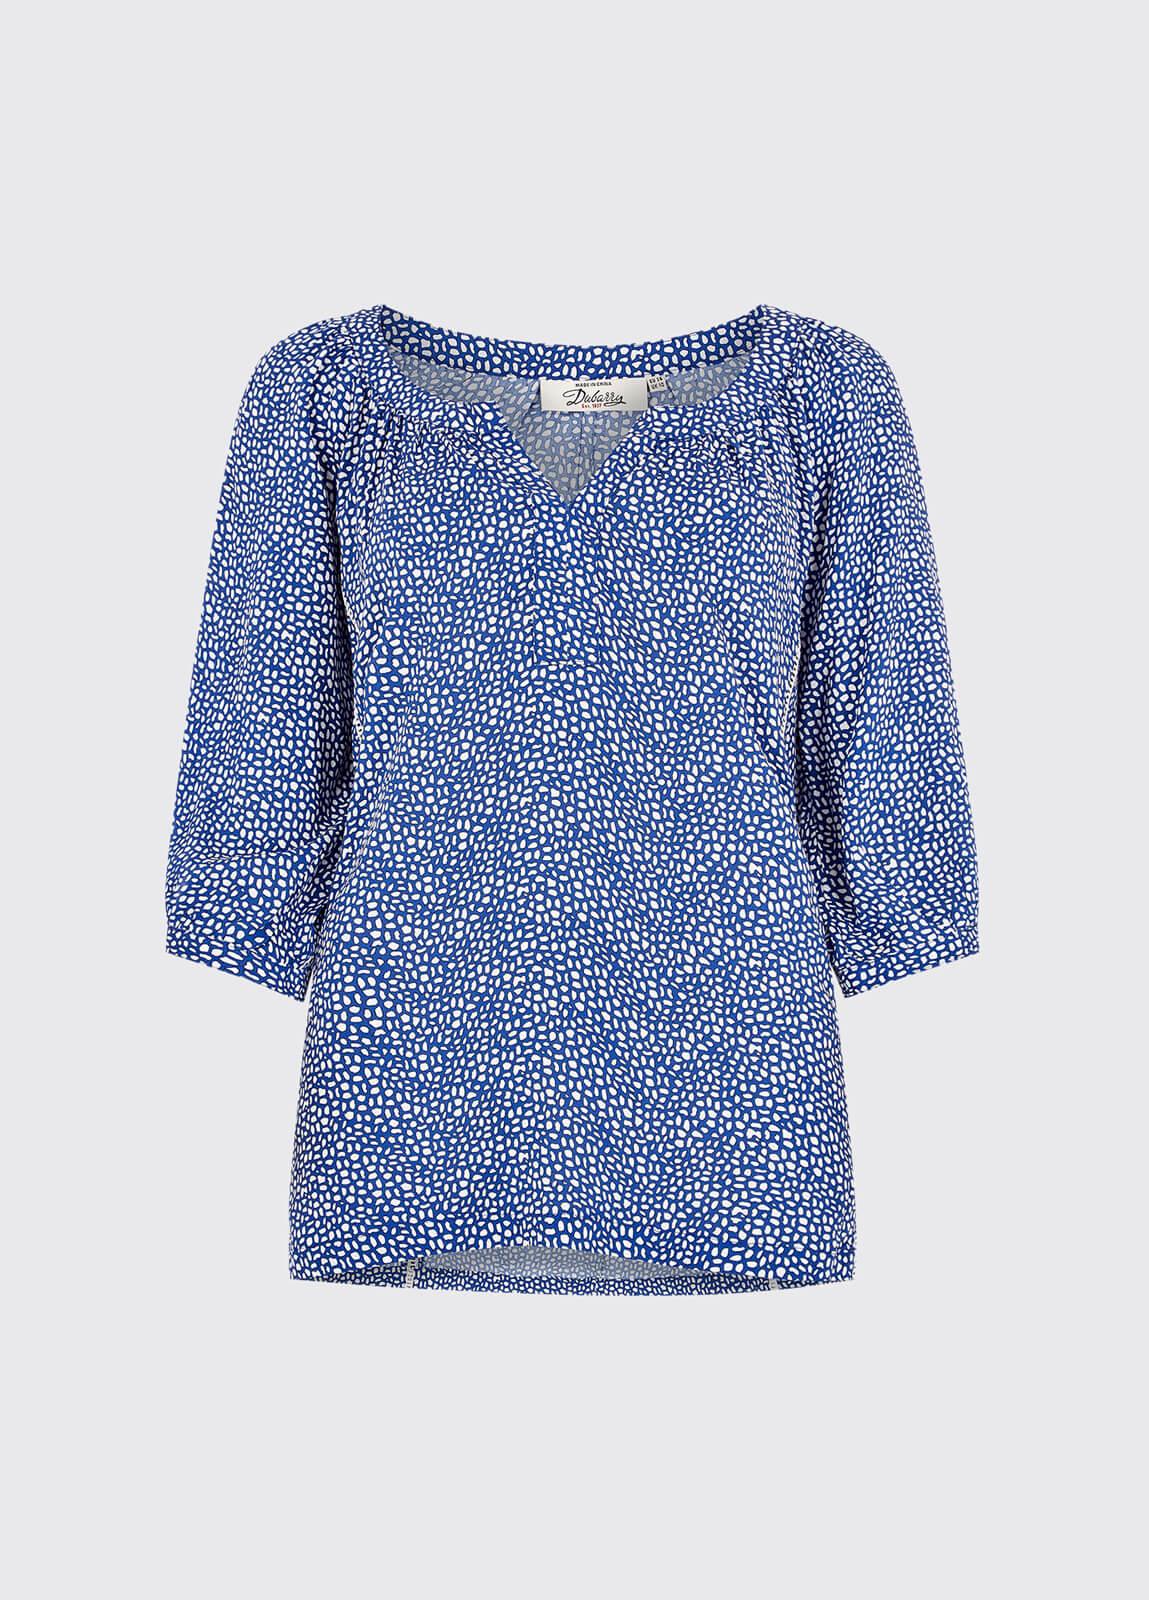 Dahlia Shirt - Royal Blue